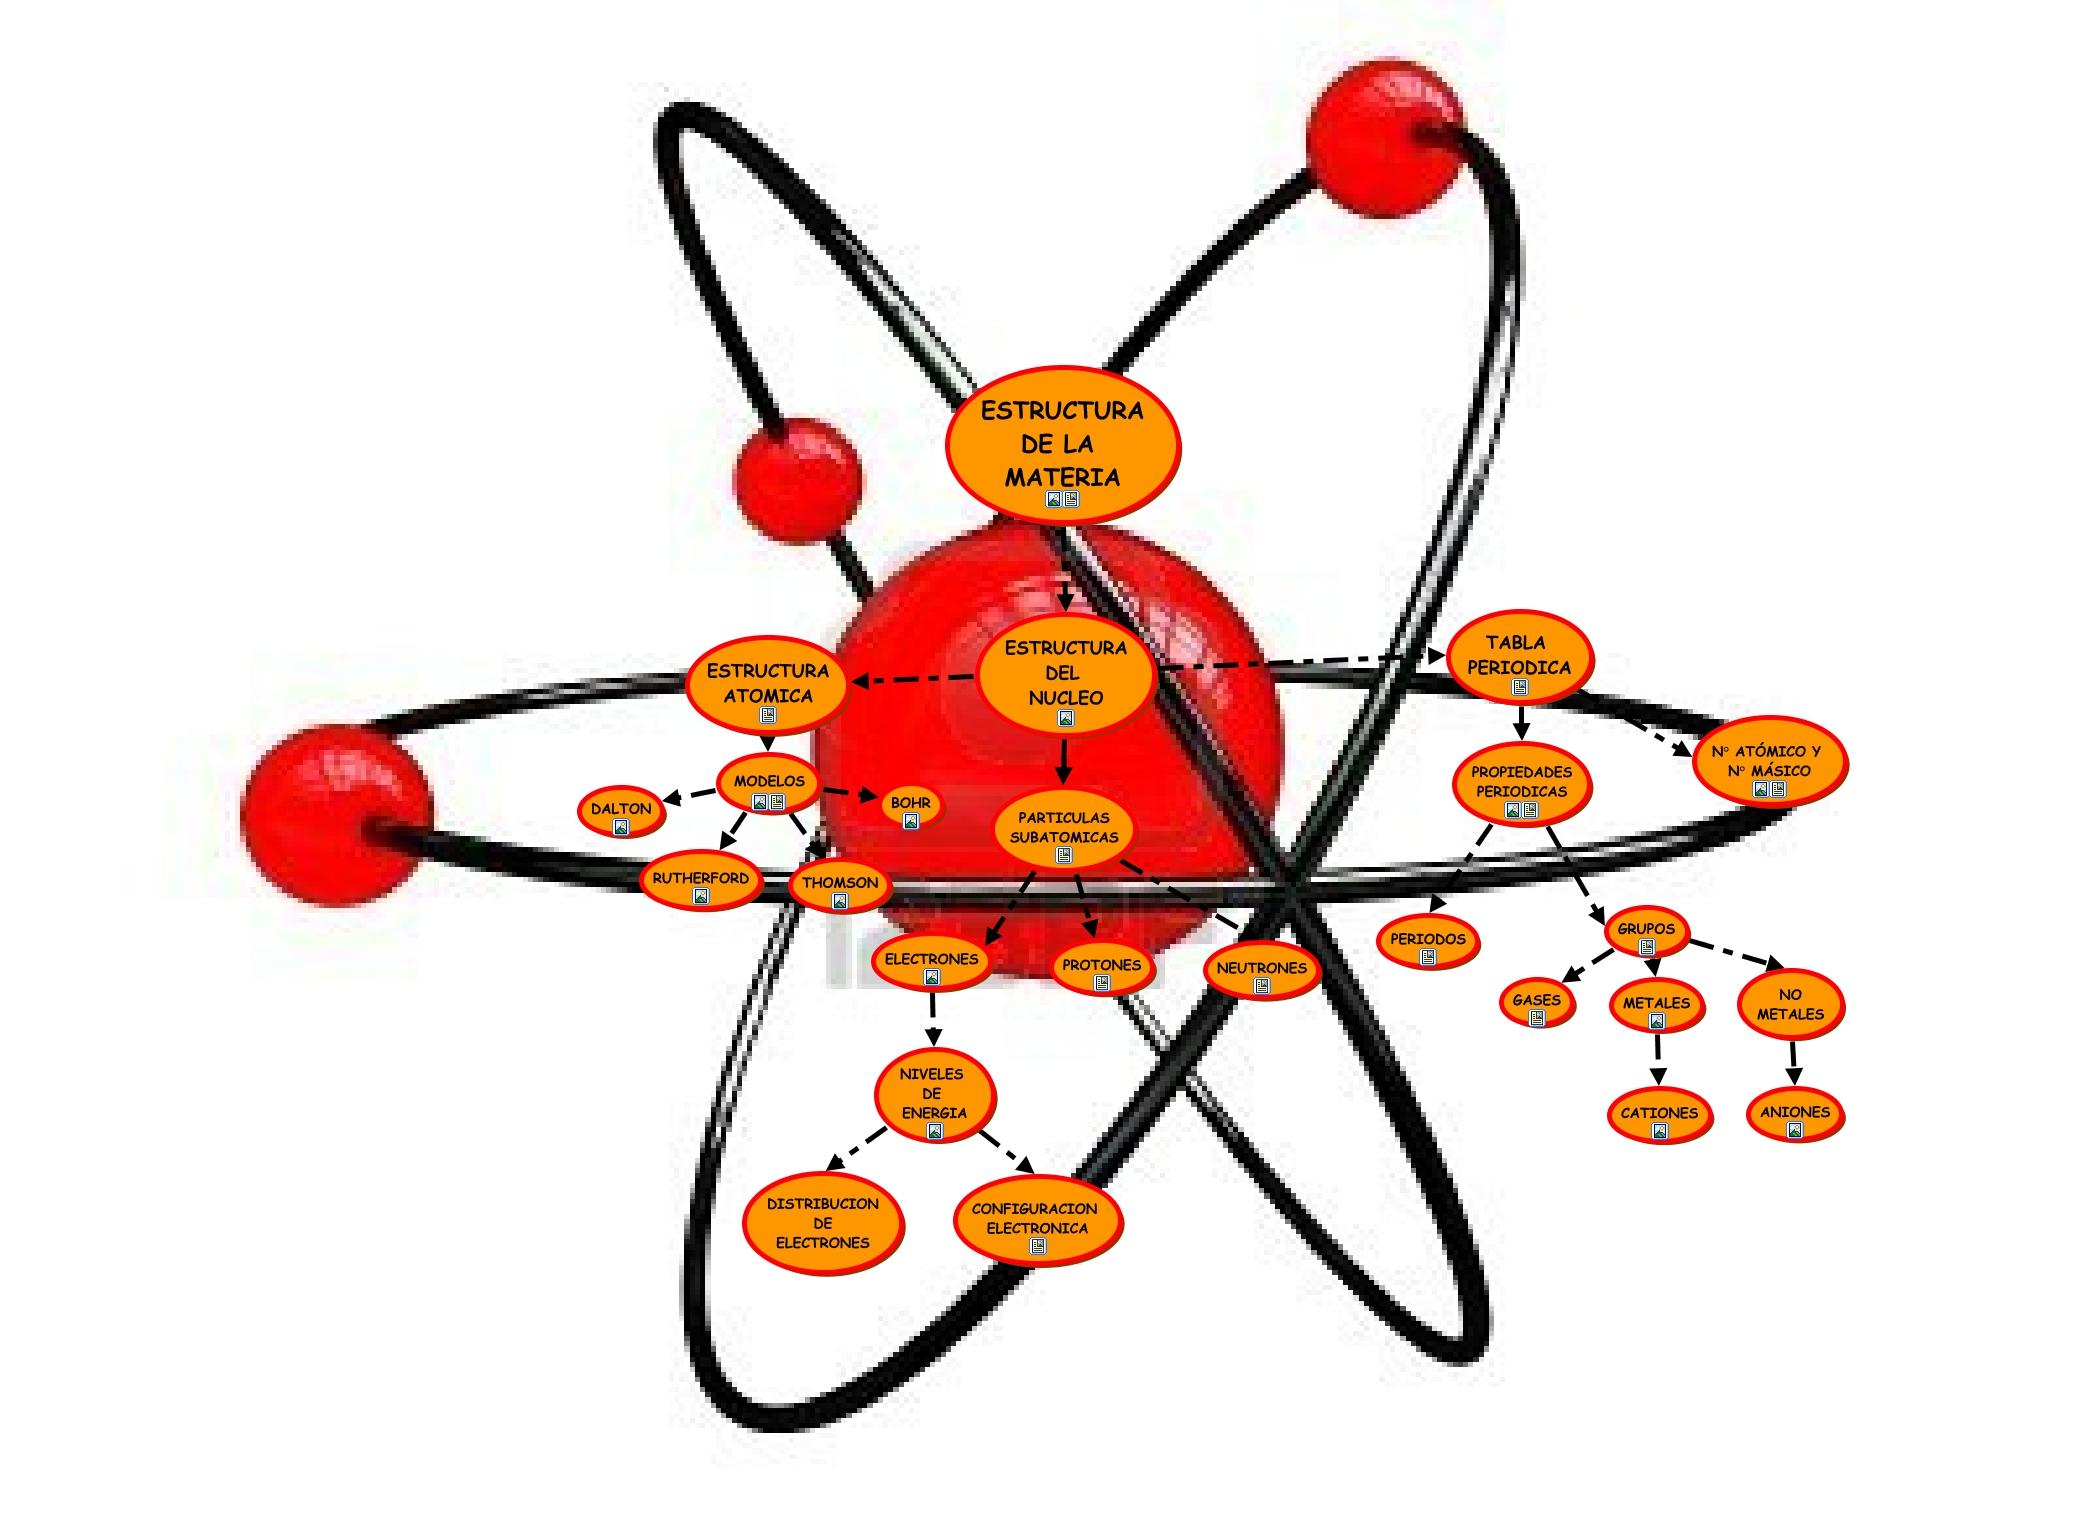 tabla periodica n atmico y n msico estructura del nucleo estructura atomica electrones niveles de energia estructura del nucleo tabla periodica - Tabla Periodica Y Estructura Atomica